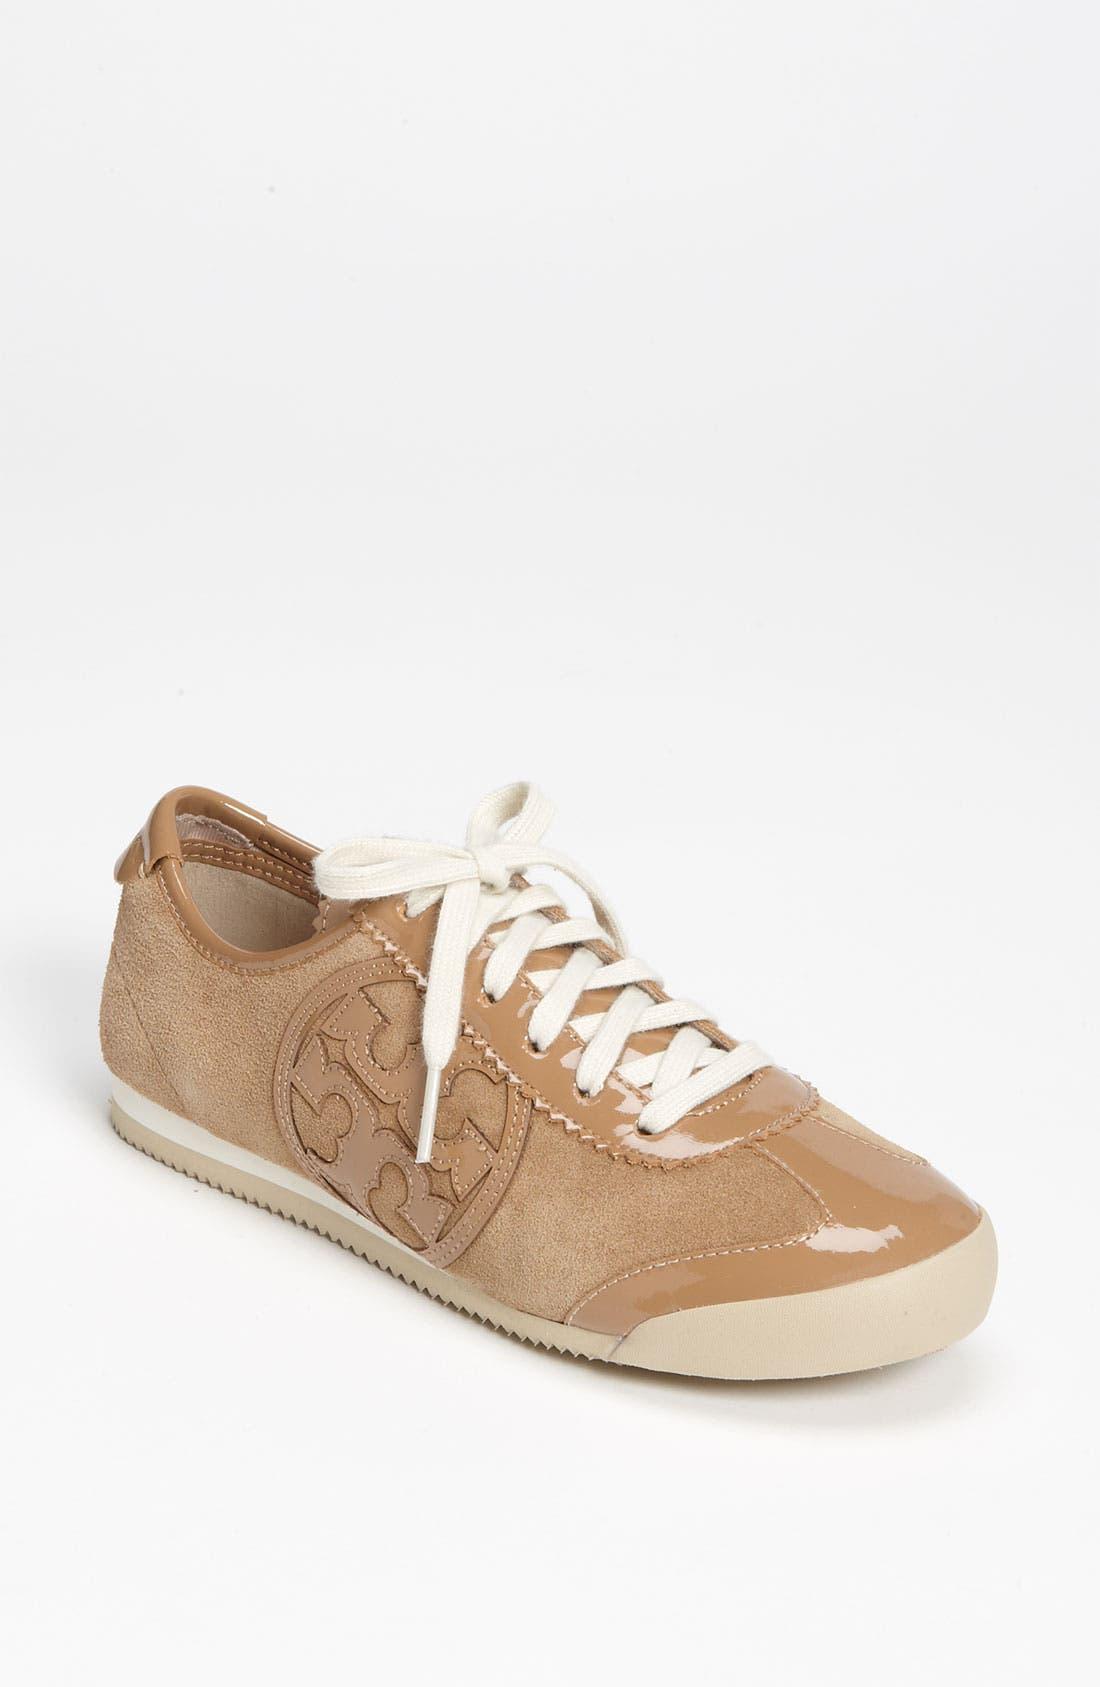 Alternate Image 1 Selected - Tory Burch 'Murphey' Split Suede Sneaker